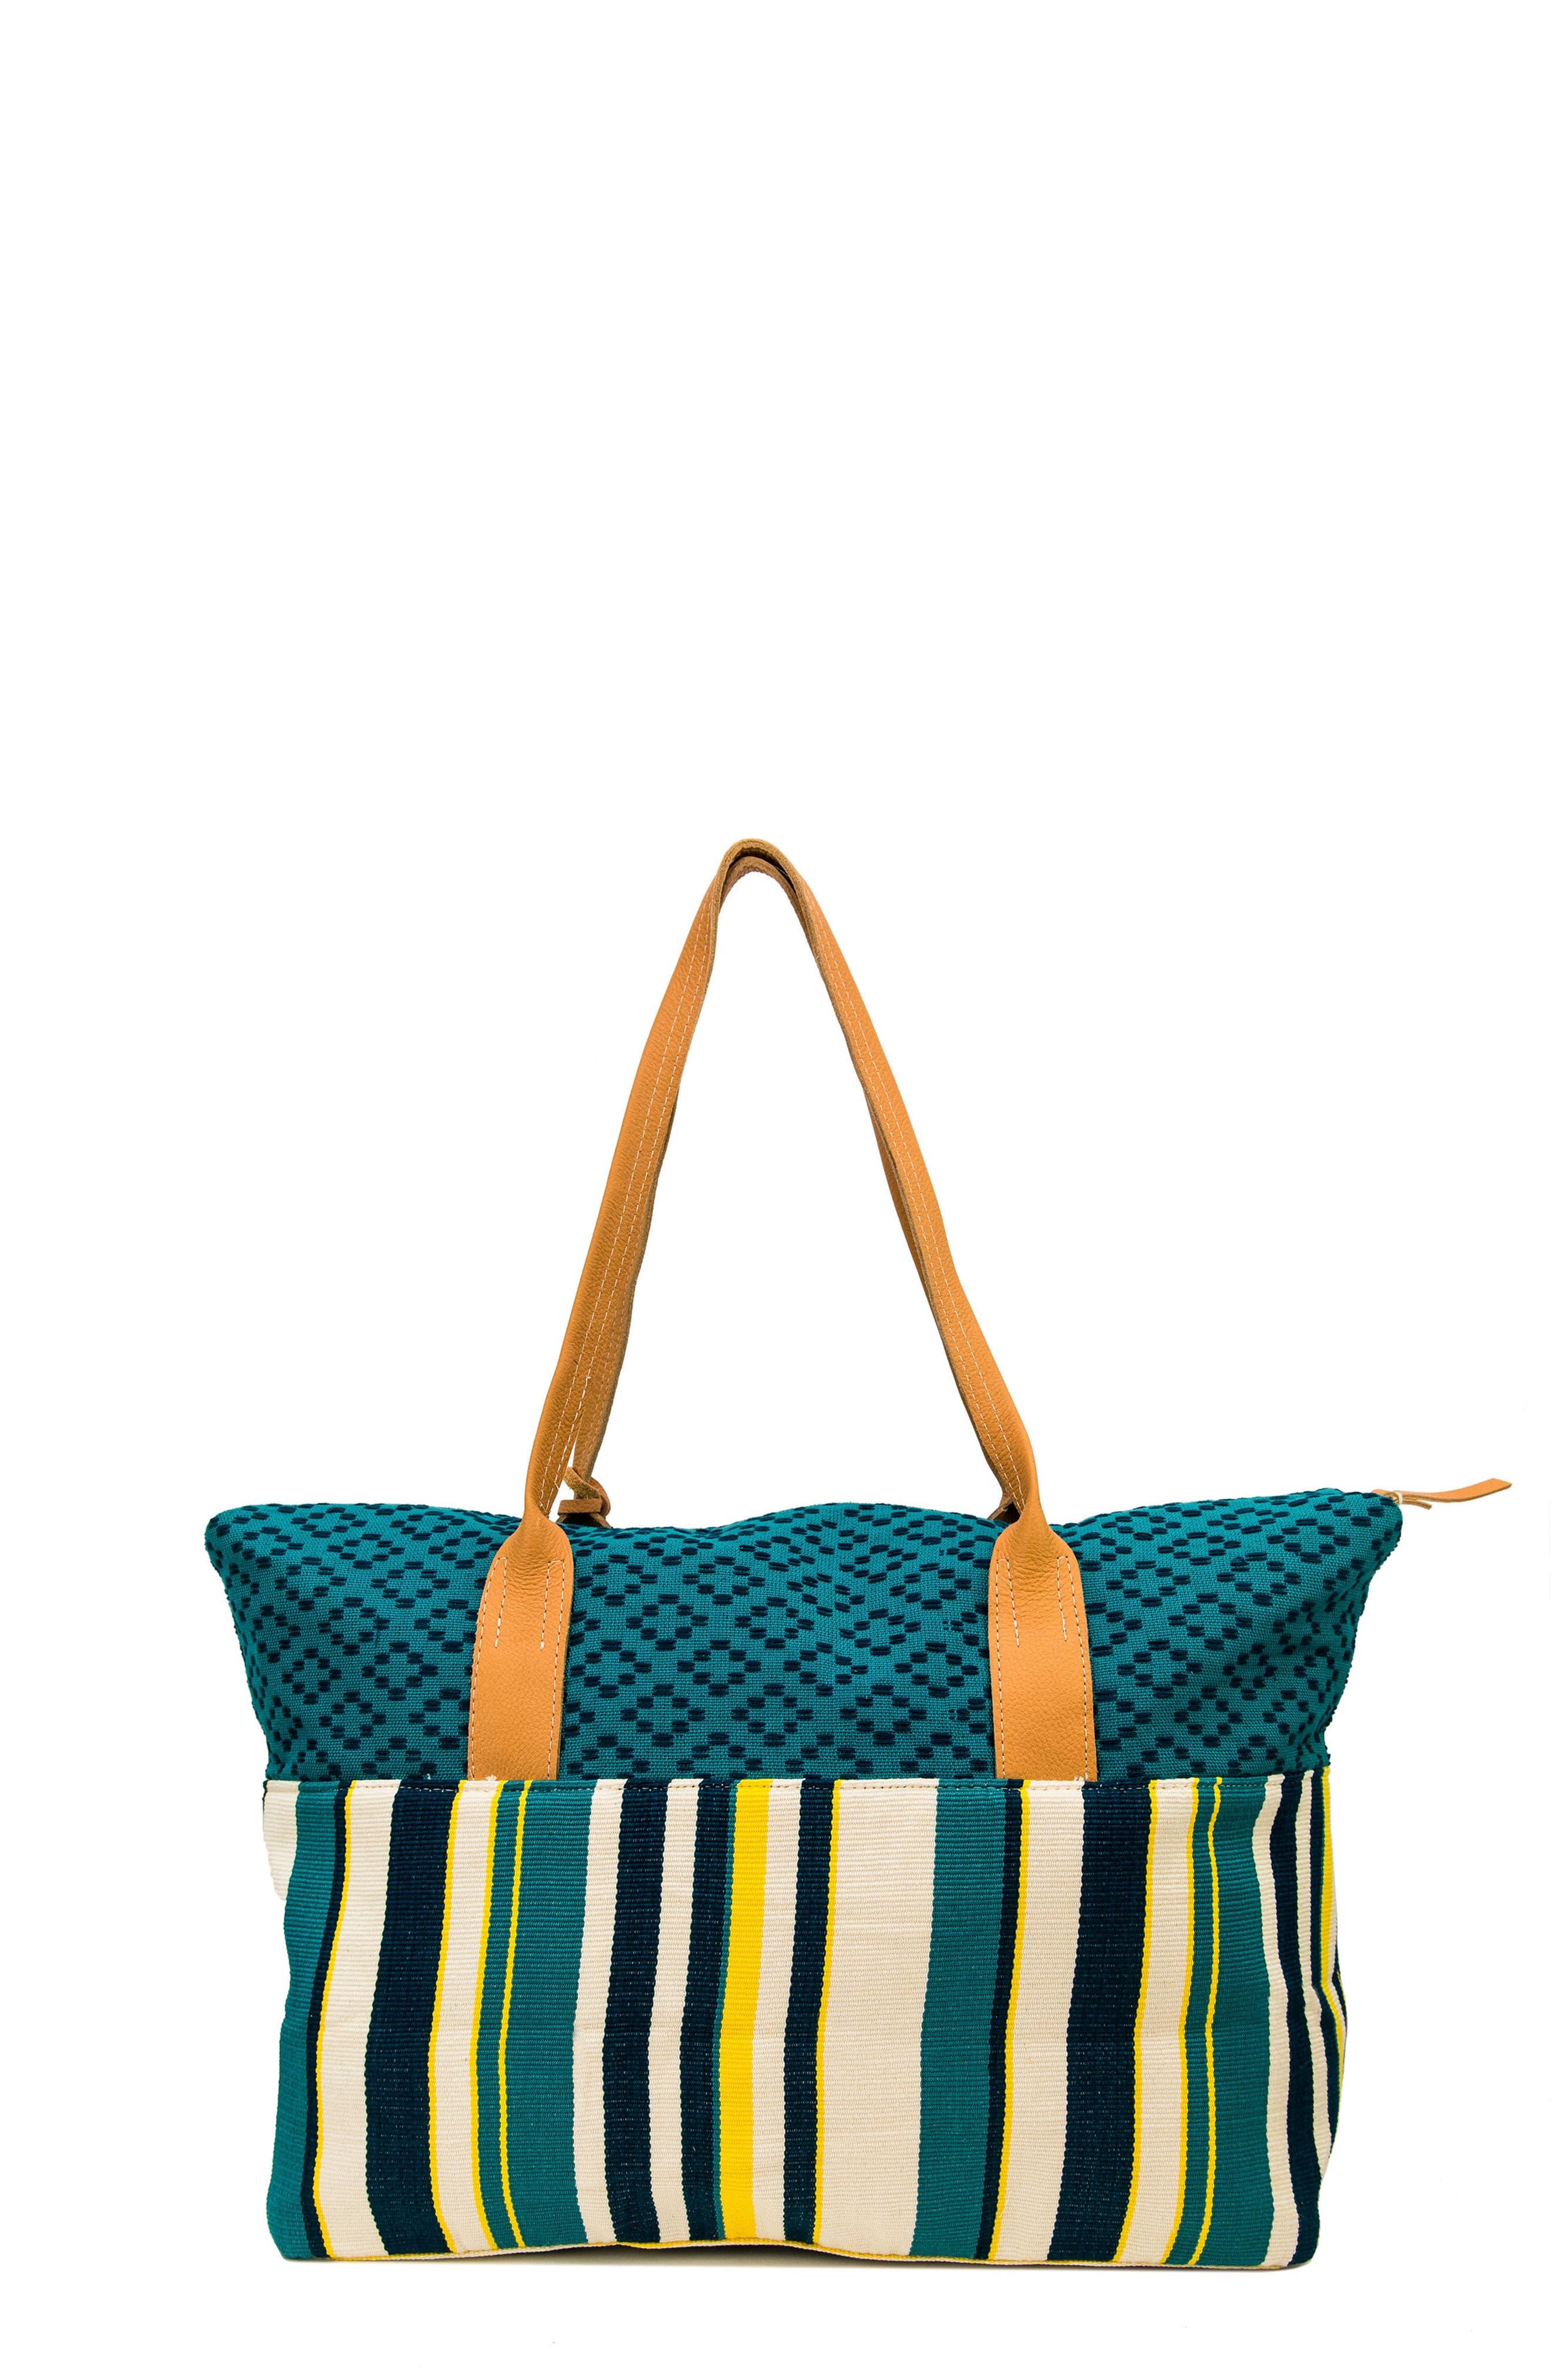 Soledad Canvas Travel Bag